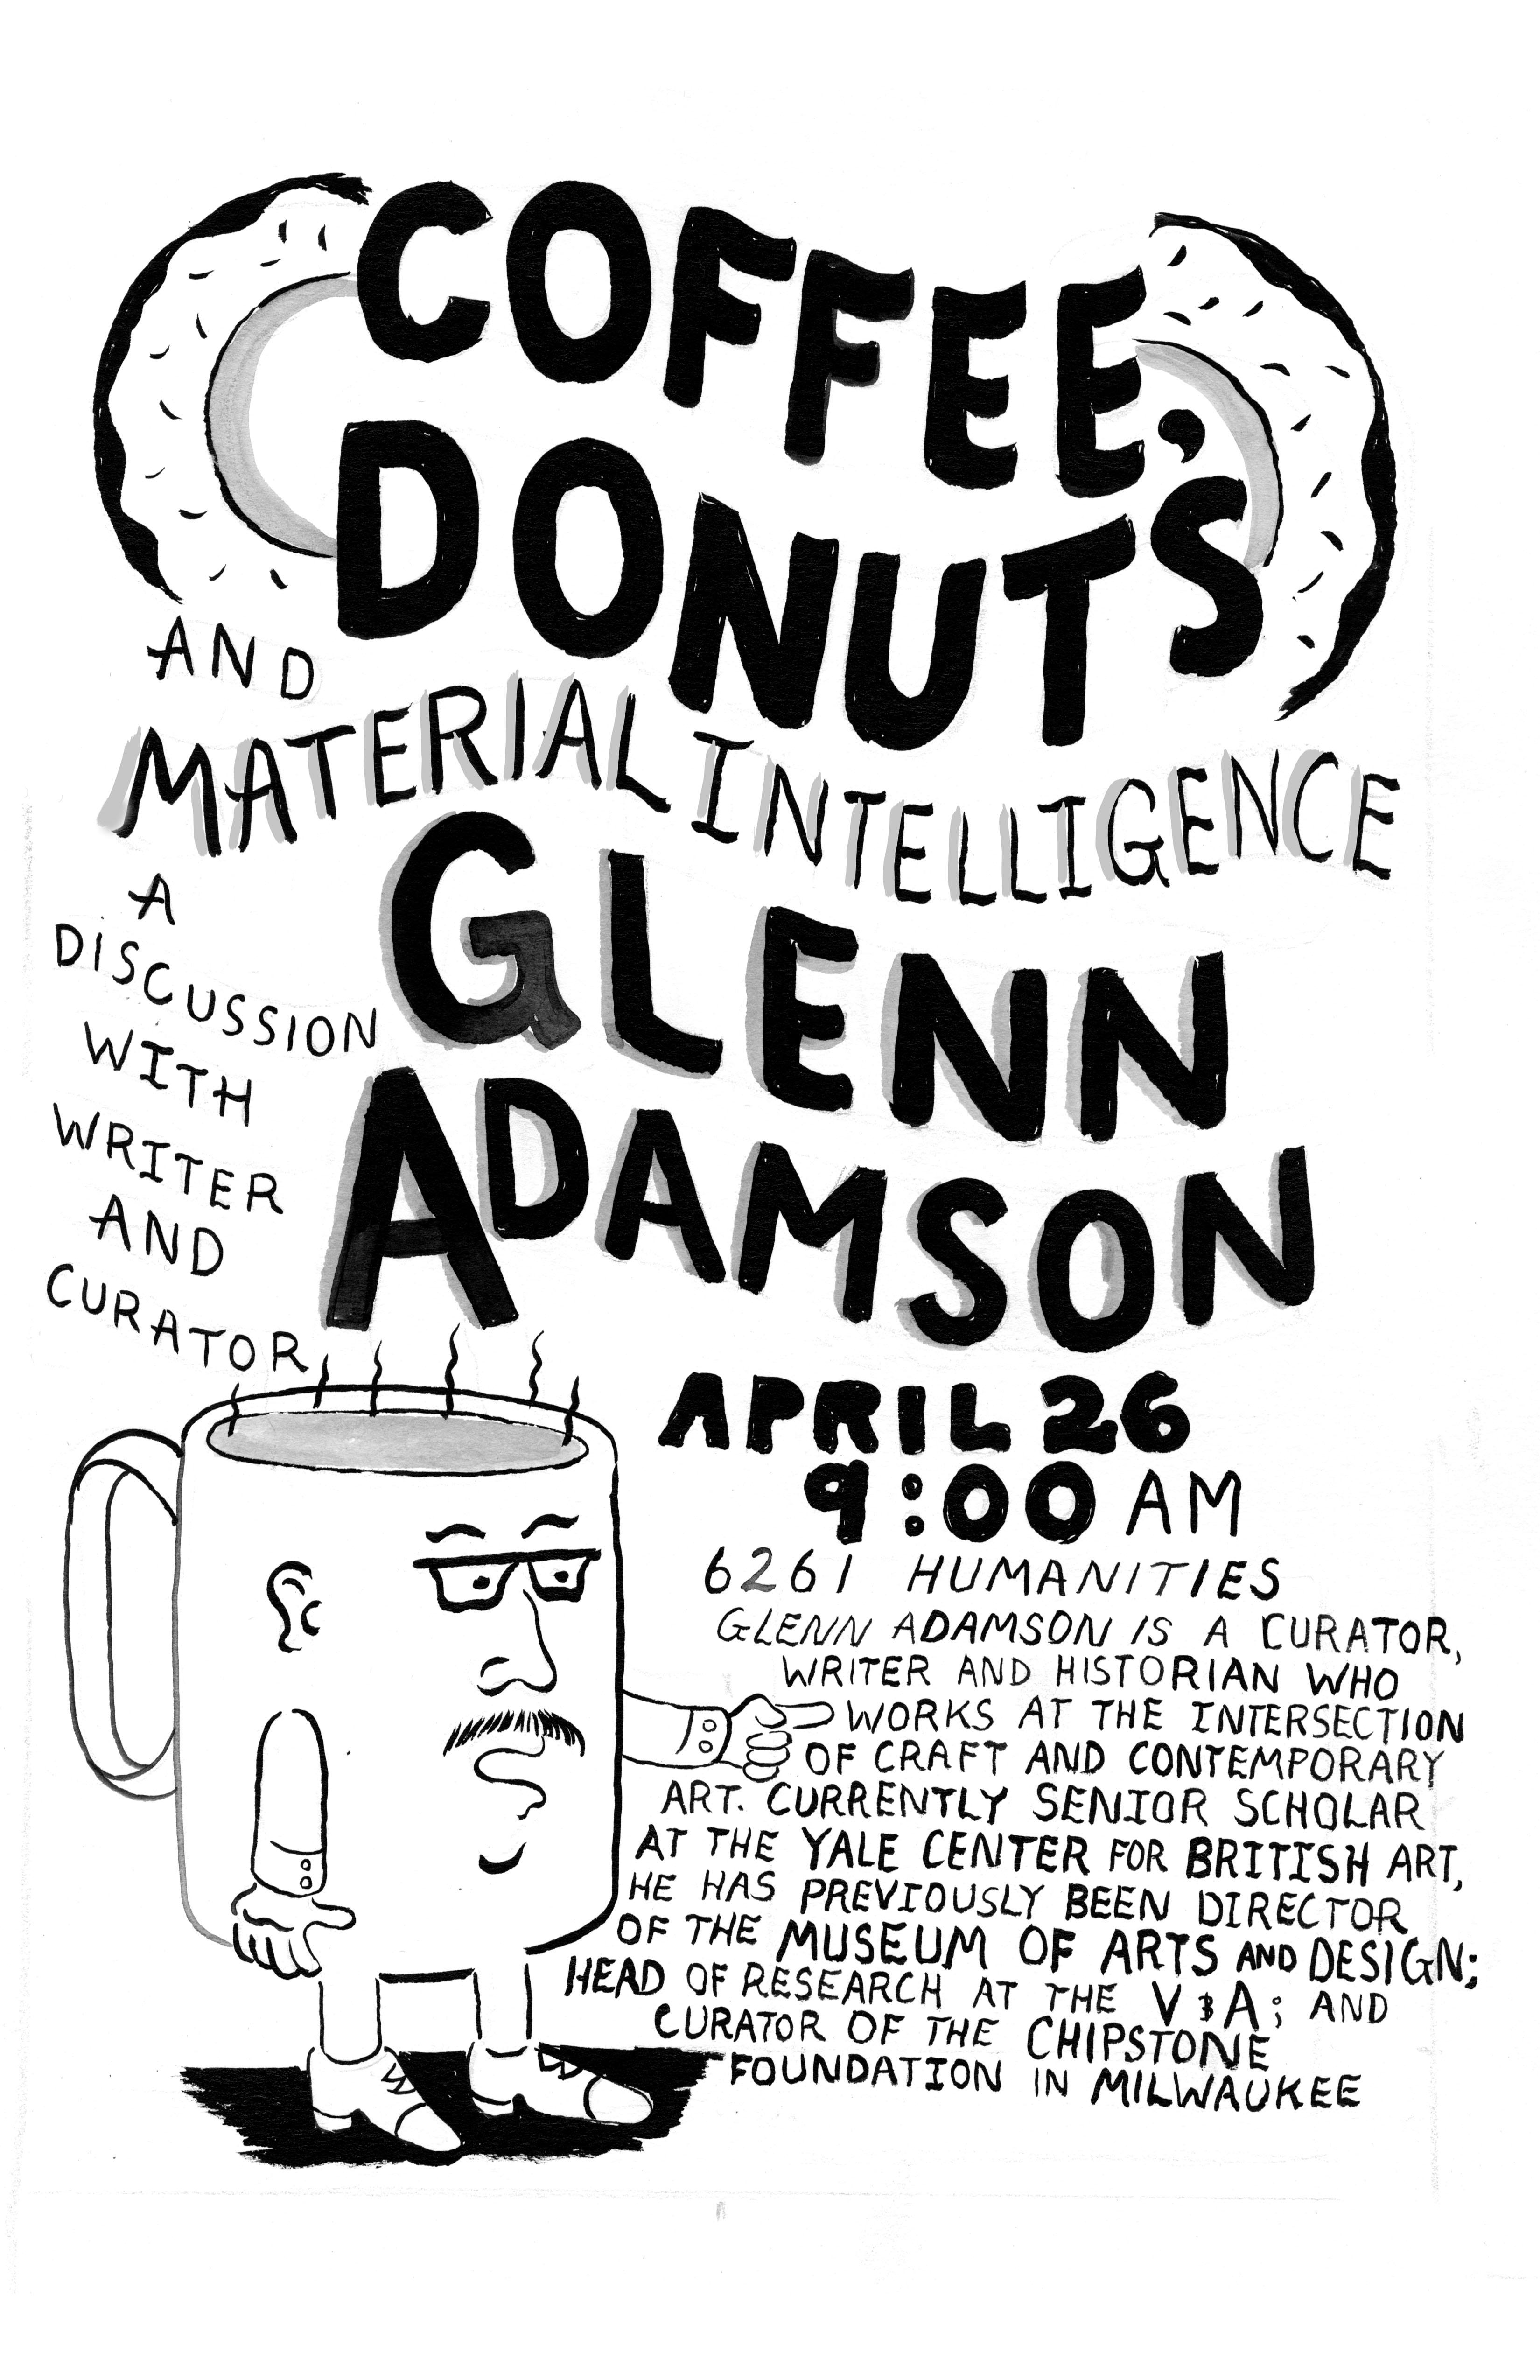 Glenn Adamson Talk